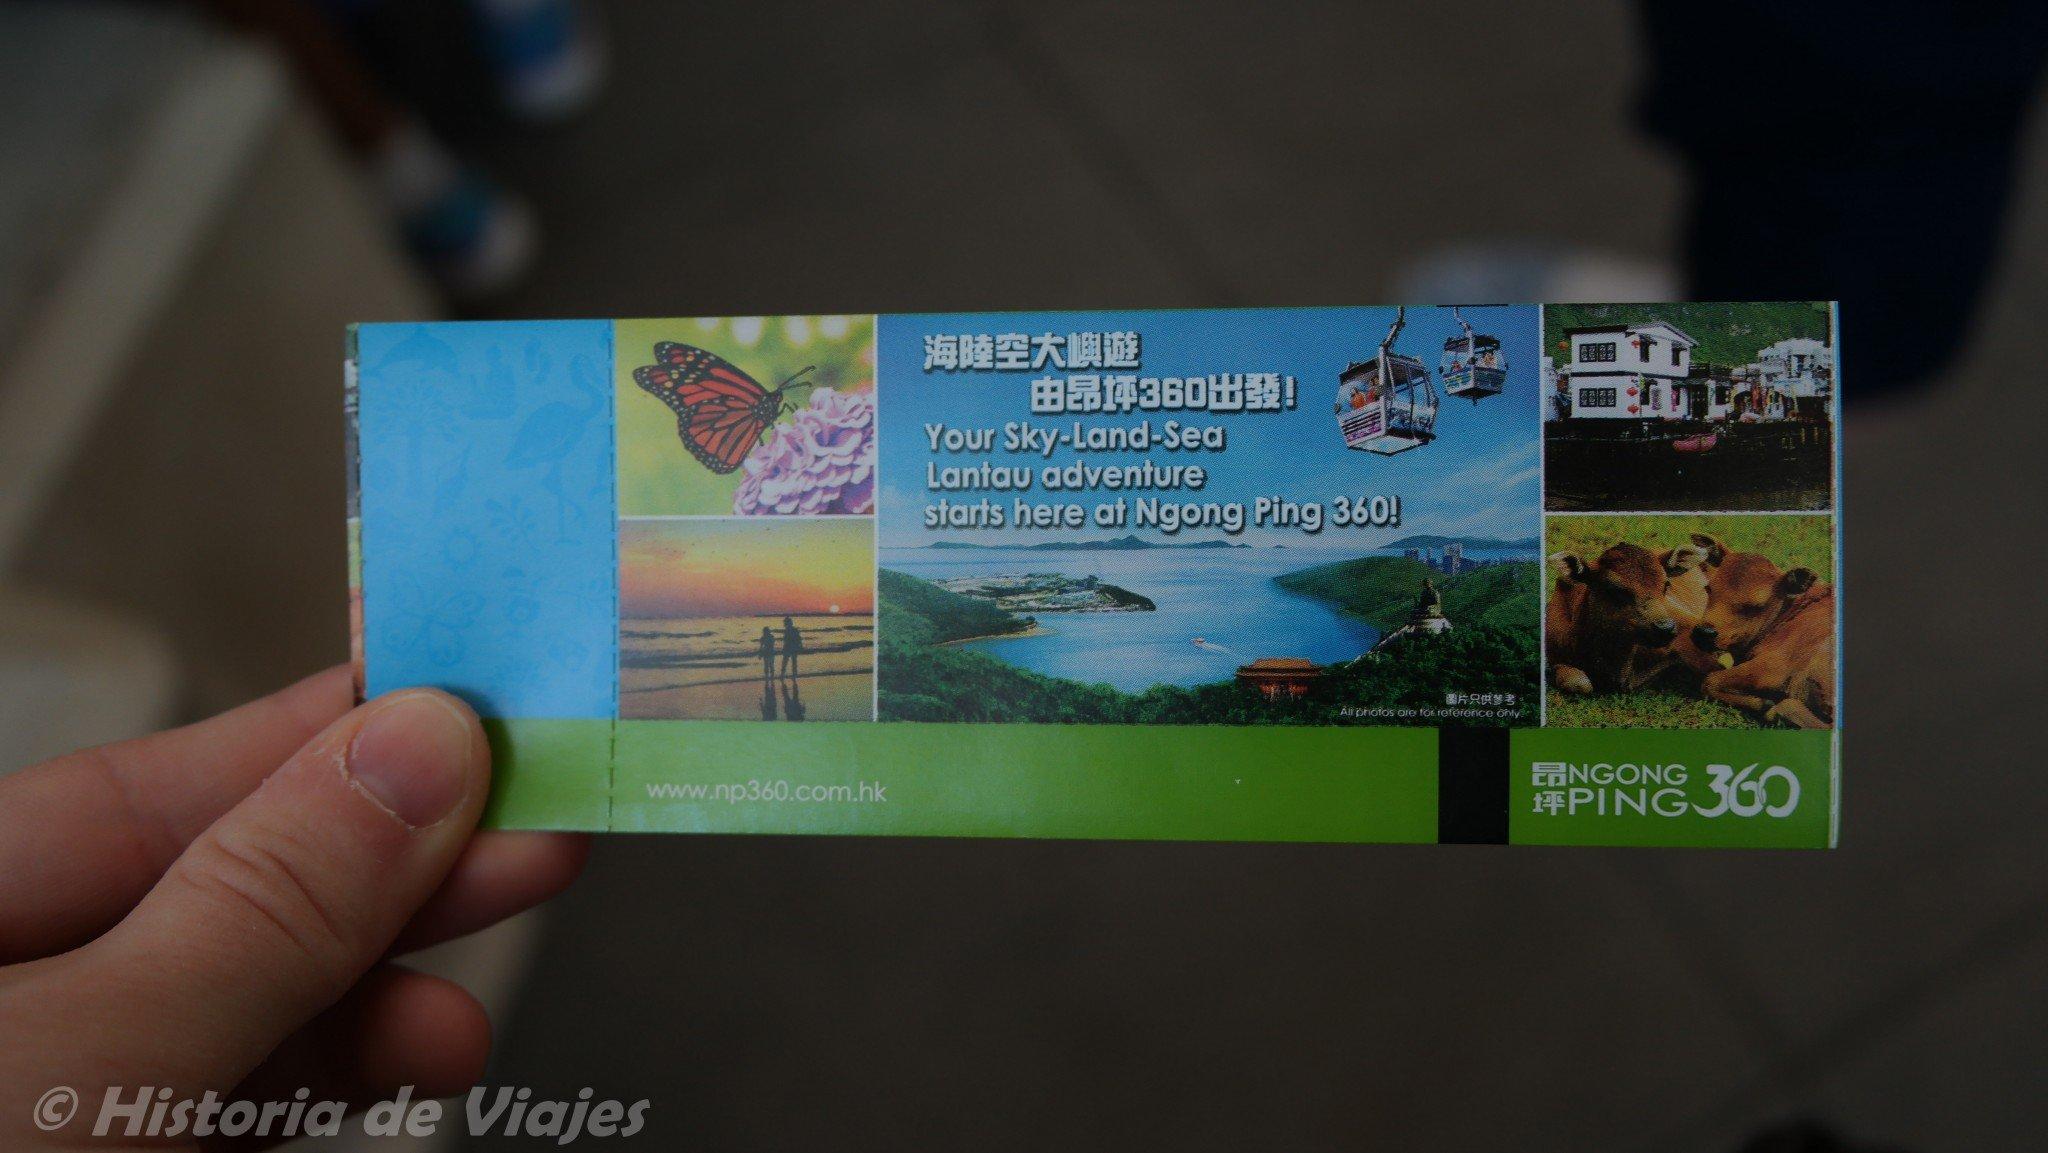 cablecar ticket